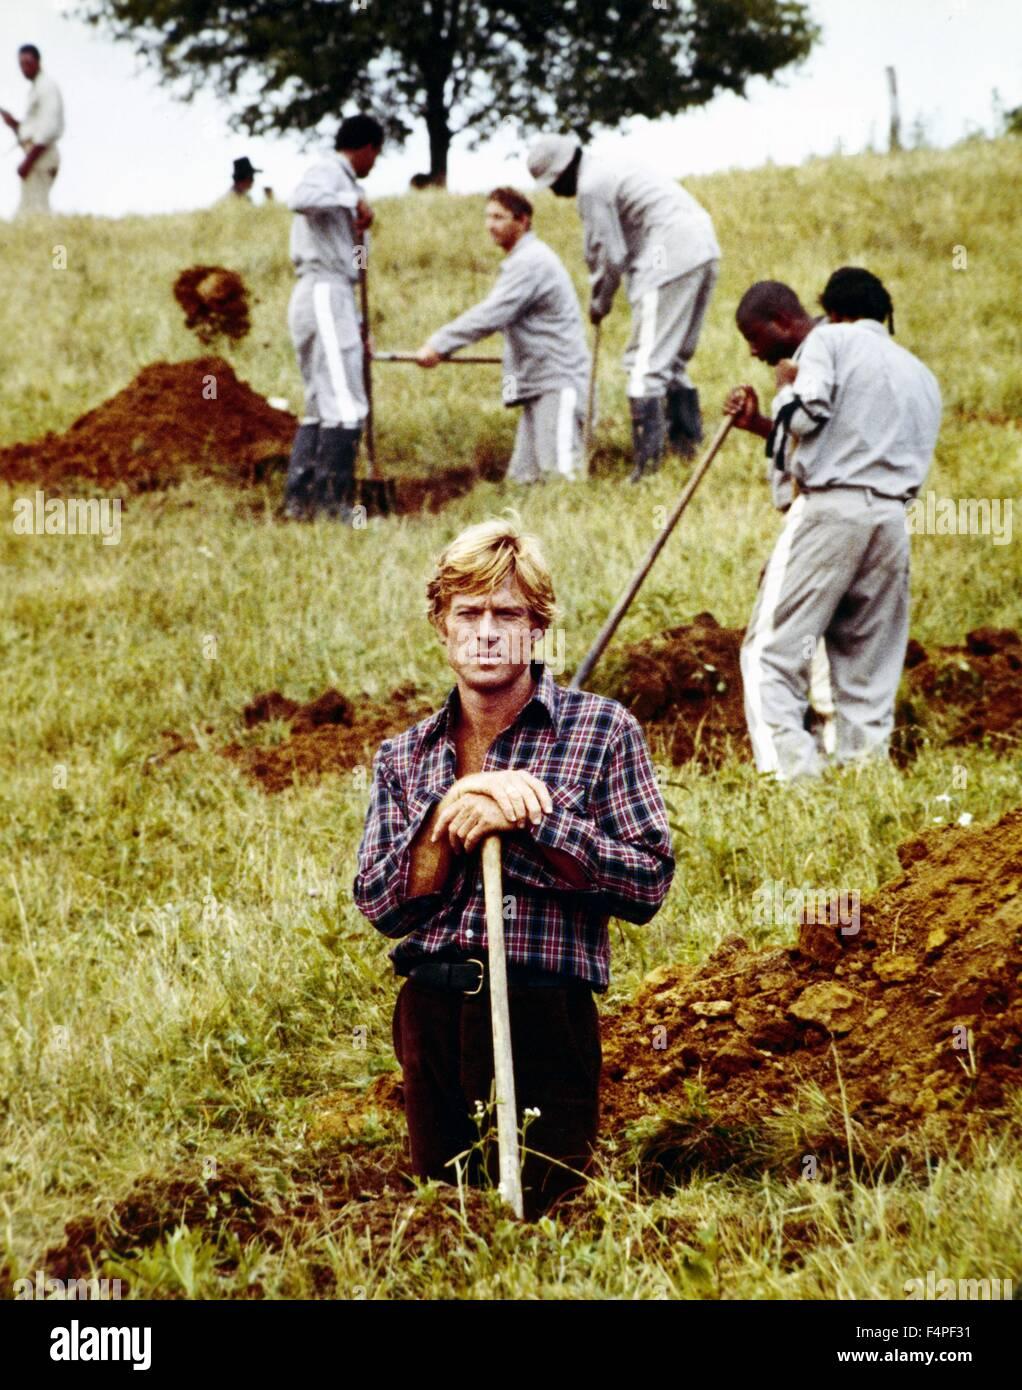 Robert Redford / Brubaker / 1980, directed by Stuart Rosenberg - Stock Image